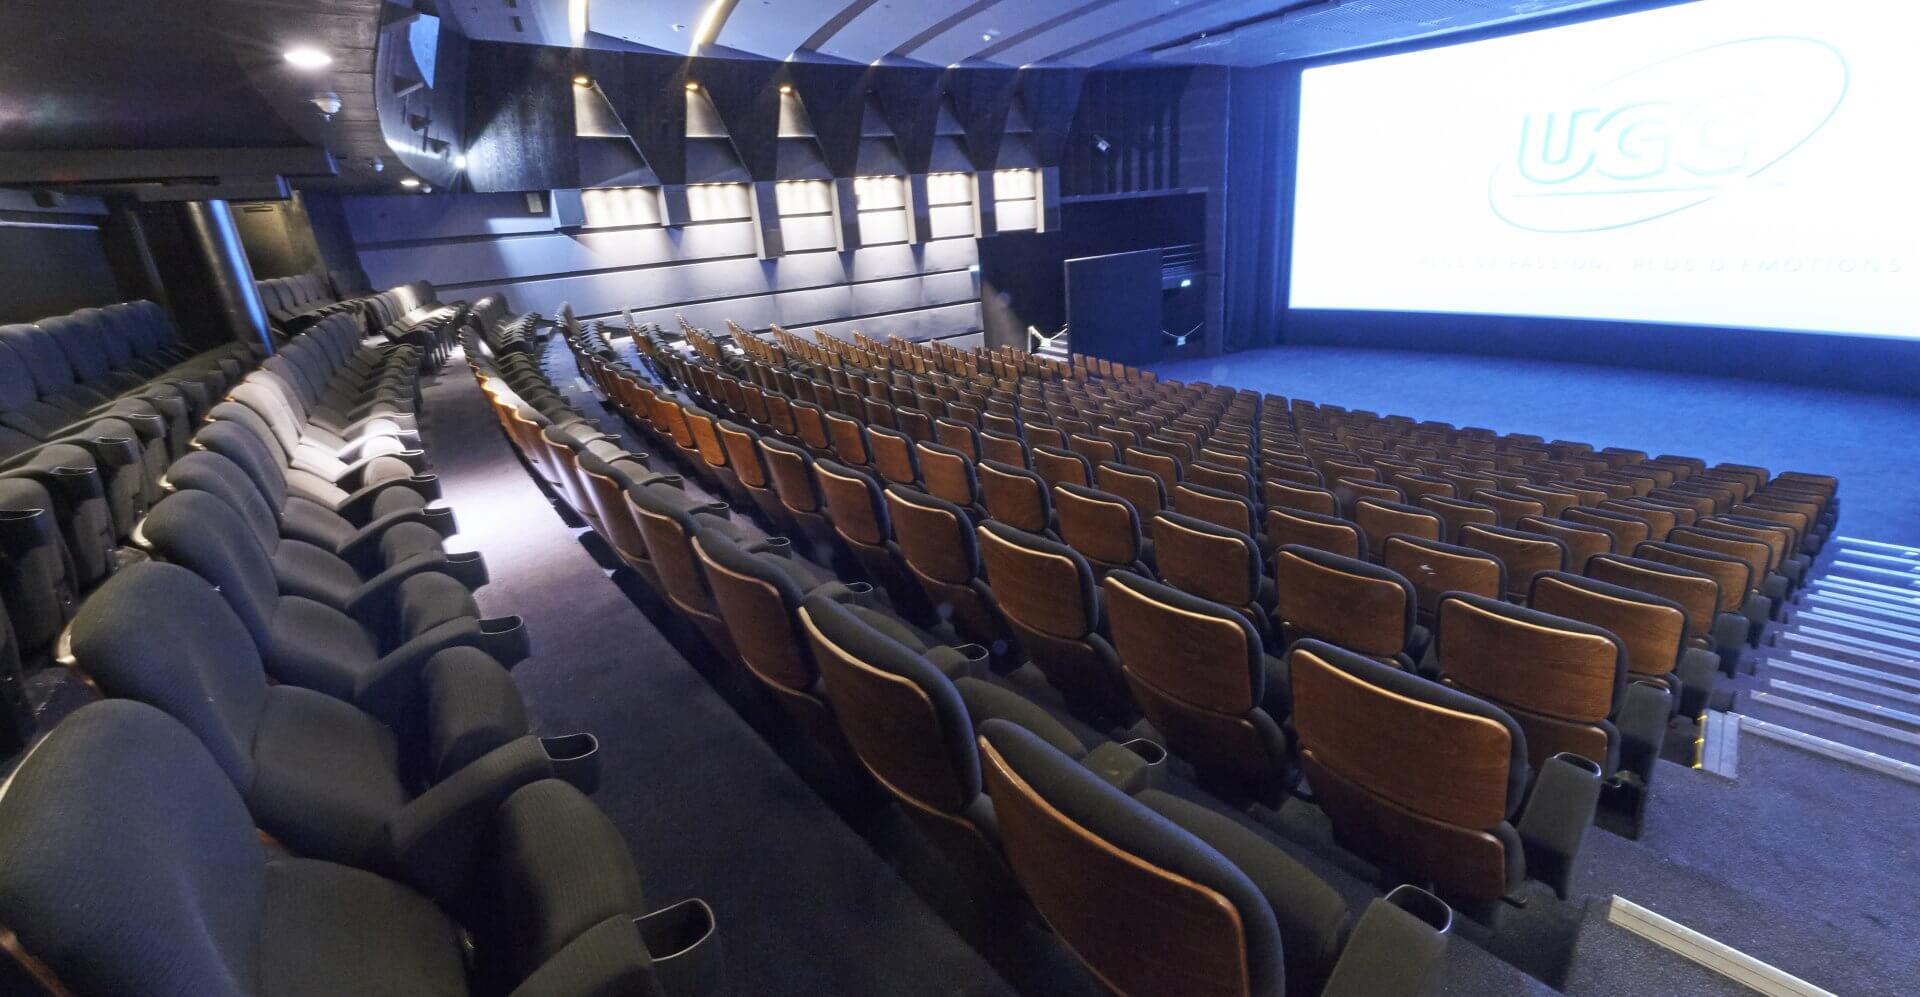 Kleslo -Ottoman Inertie - Leader de fabrication de fauteuils cinéma, théâtre ...UGC les hallesv2